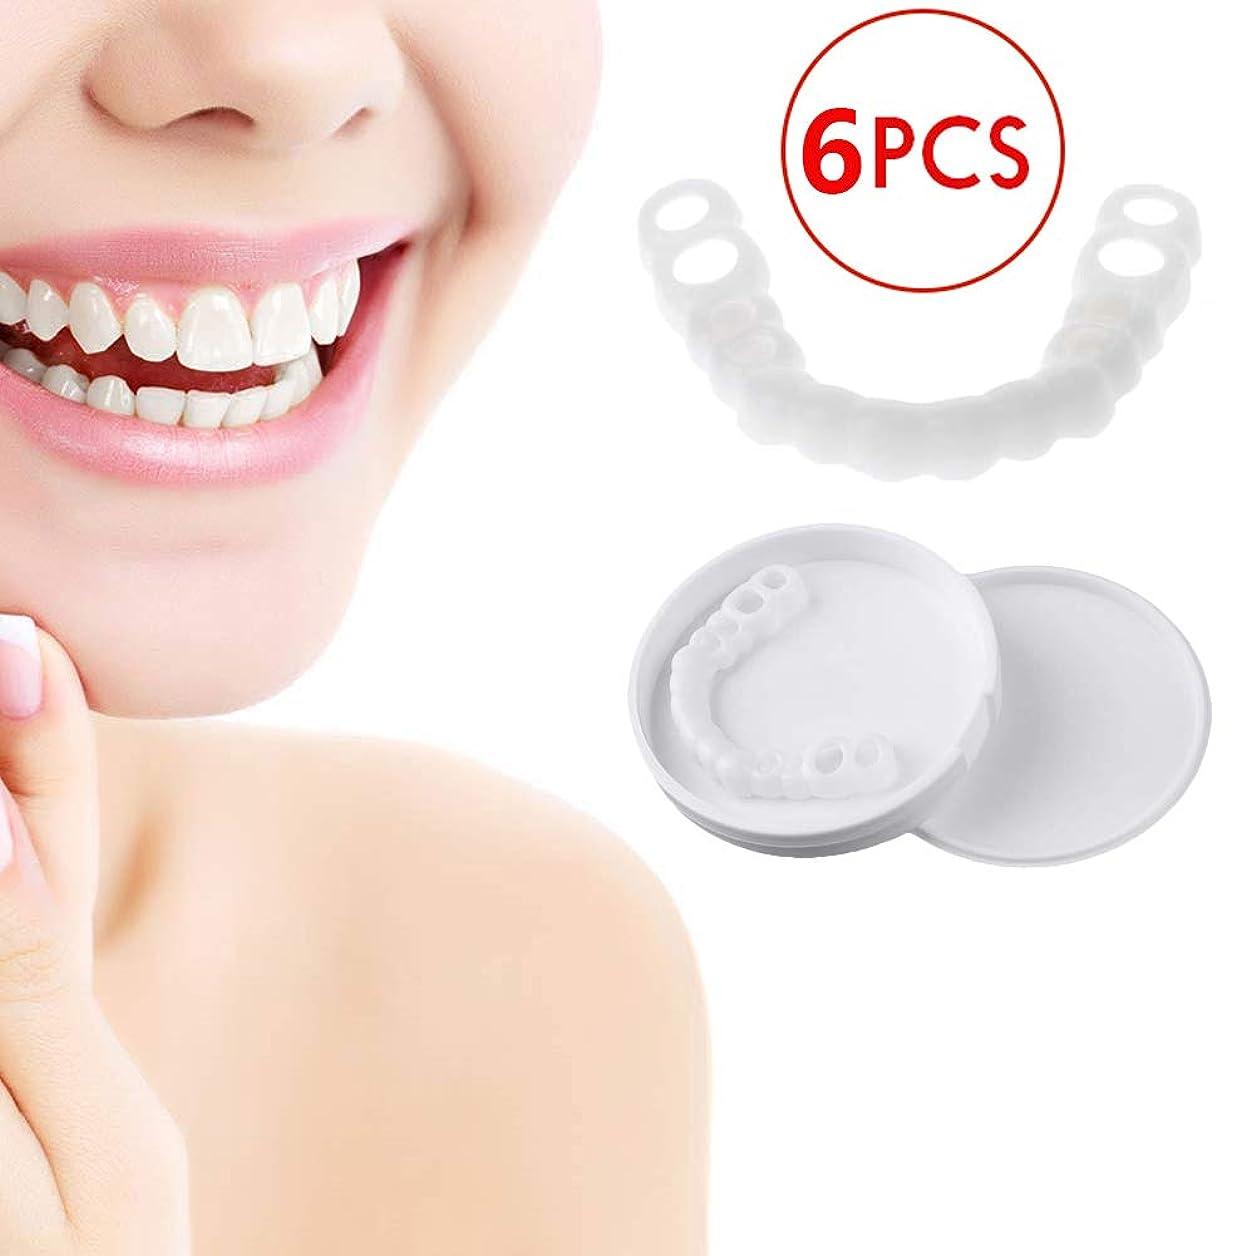 セント柔和専門用語6ペアの一時的な歯のホワイトニング、変装した曲がった/ステンド/欠落したギャップのある歯のカバー,6pcsupperteeth